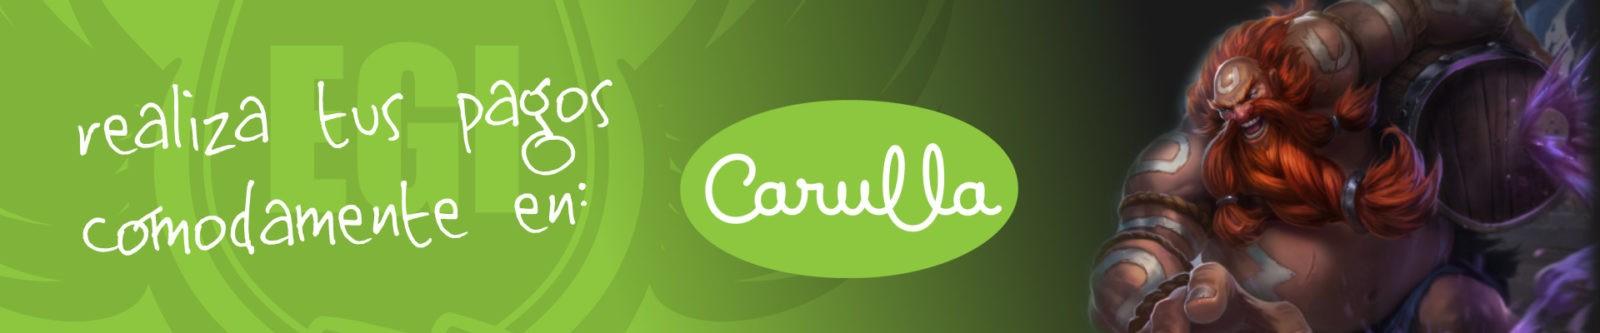 banner-carulla